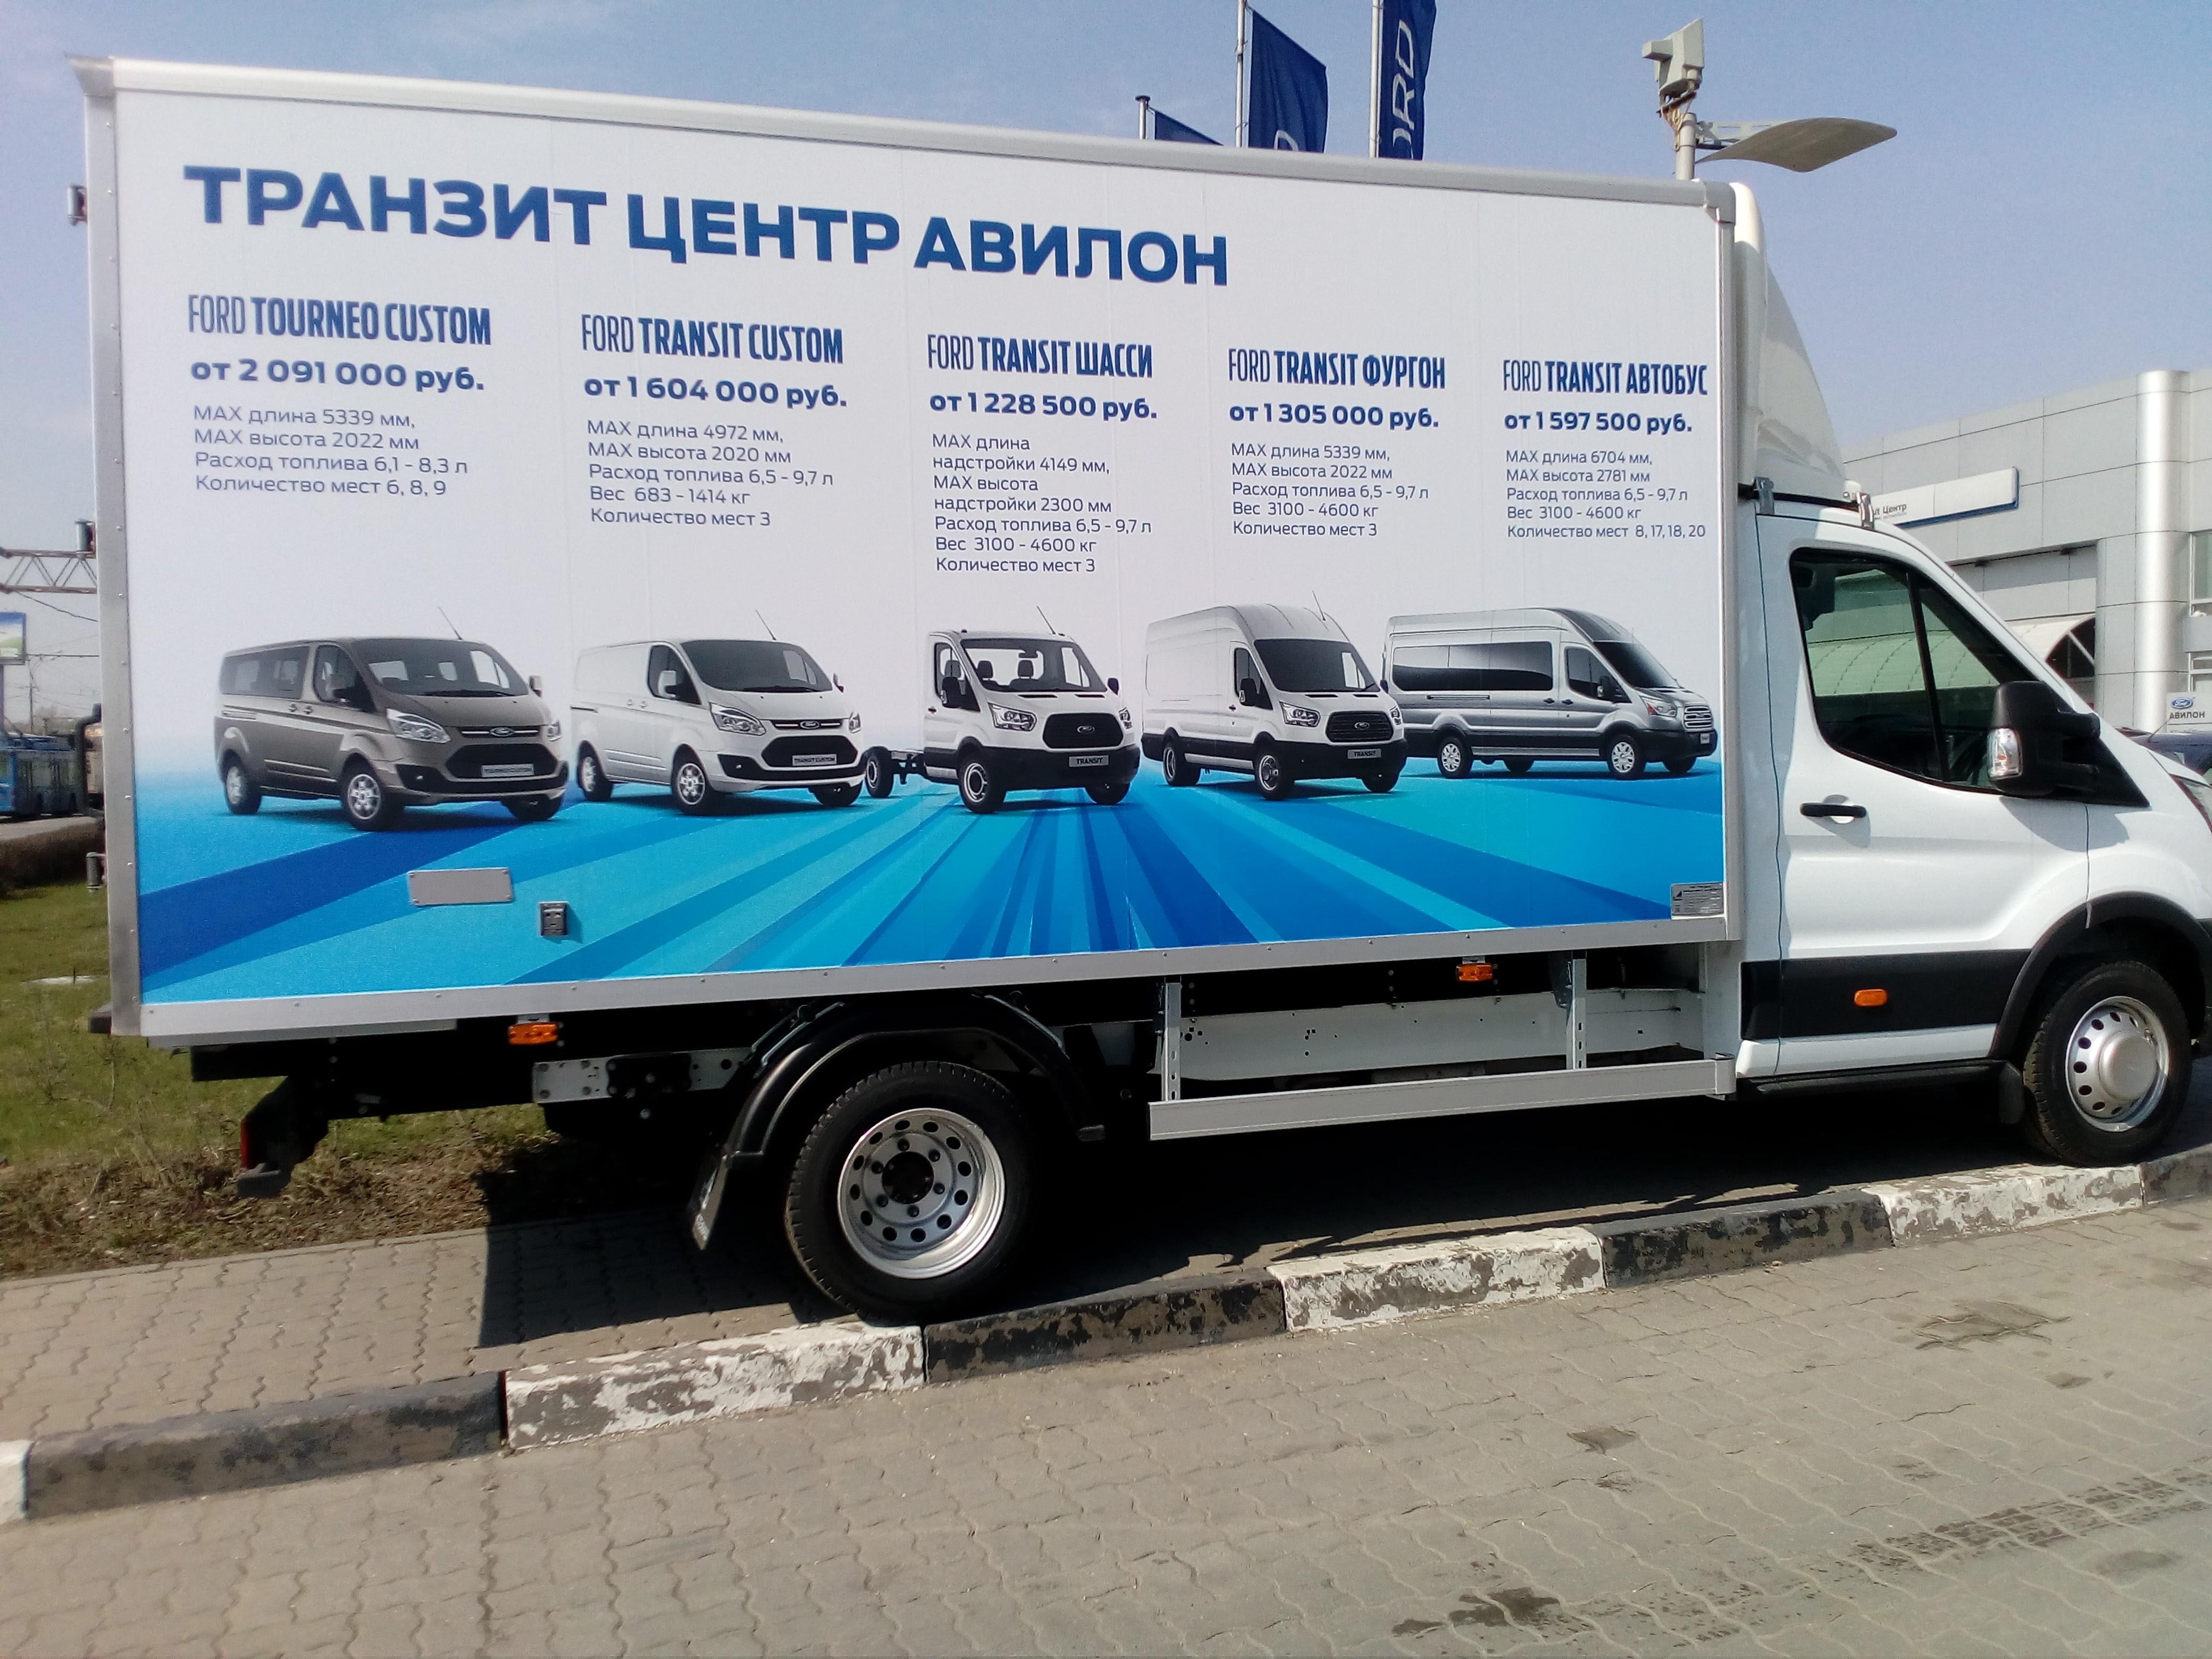 Брендирование автомобиля Ford Transit на Варшавском шоссе